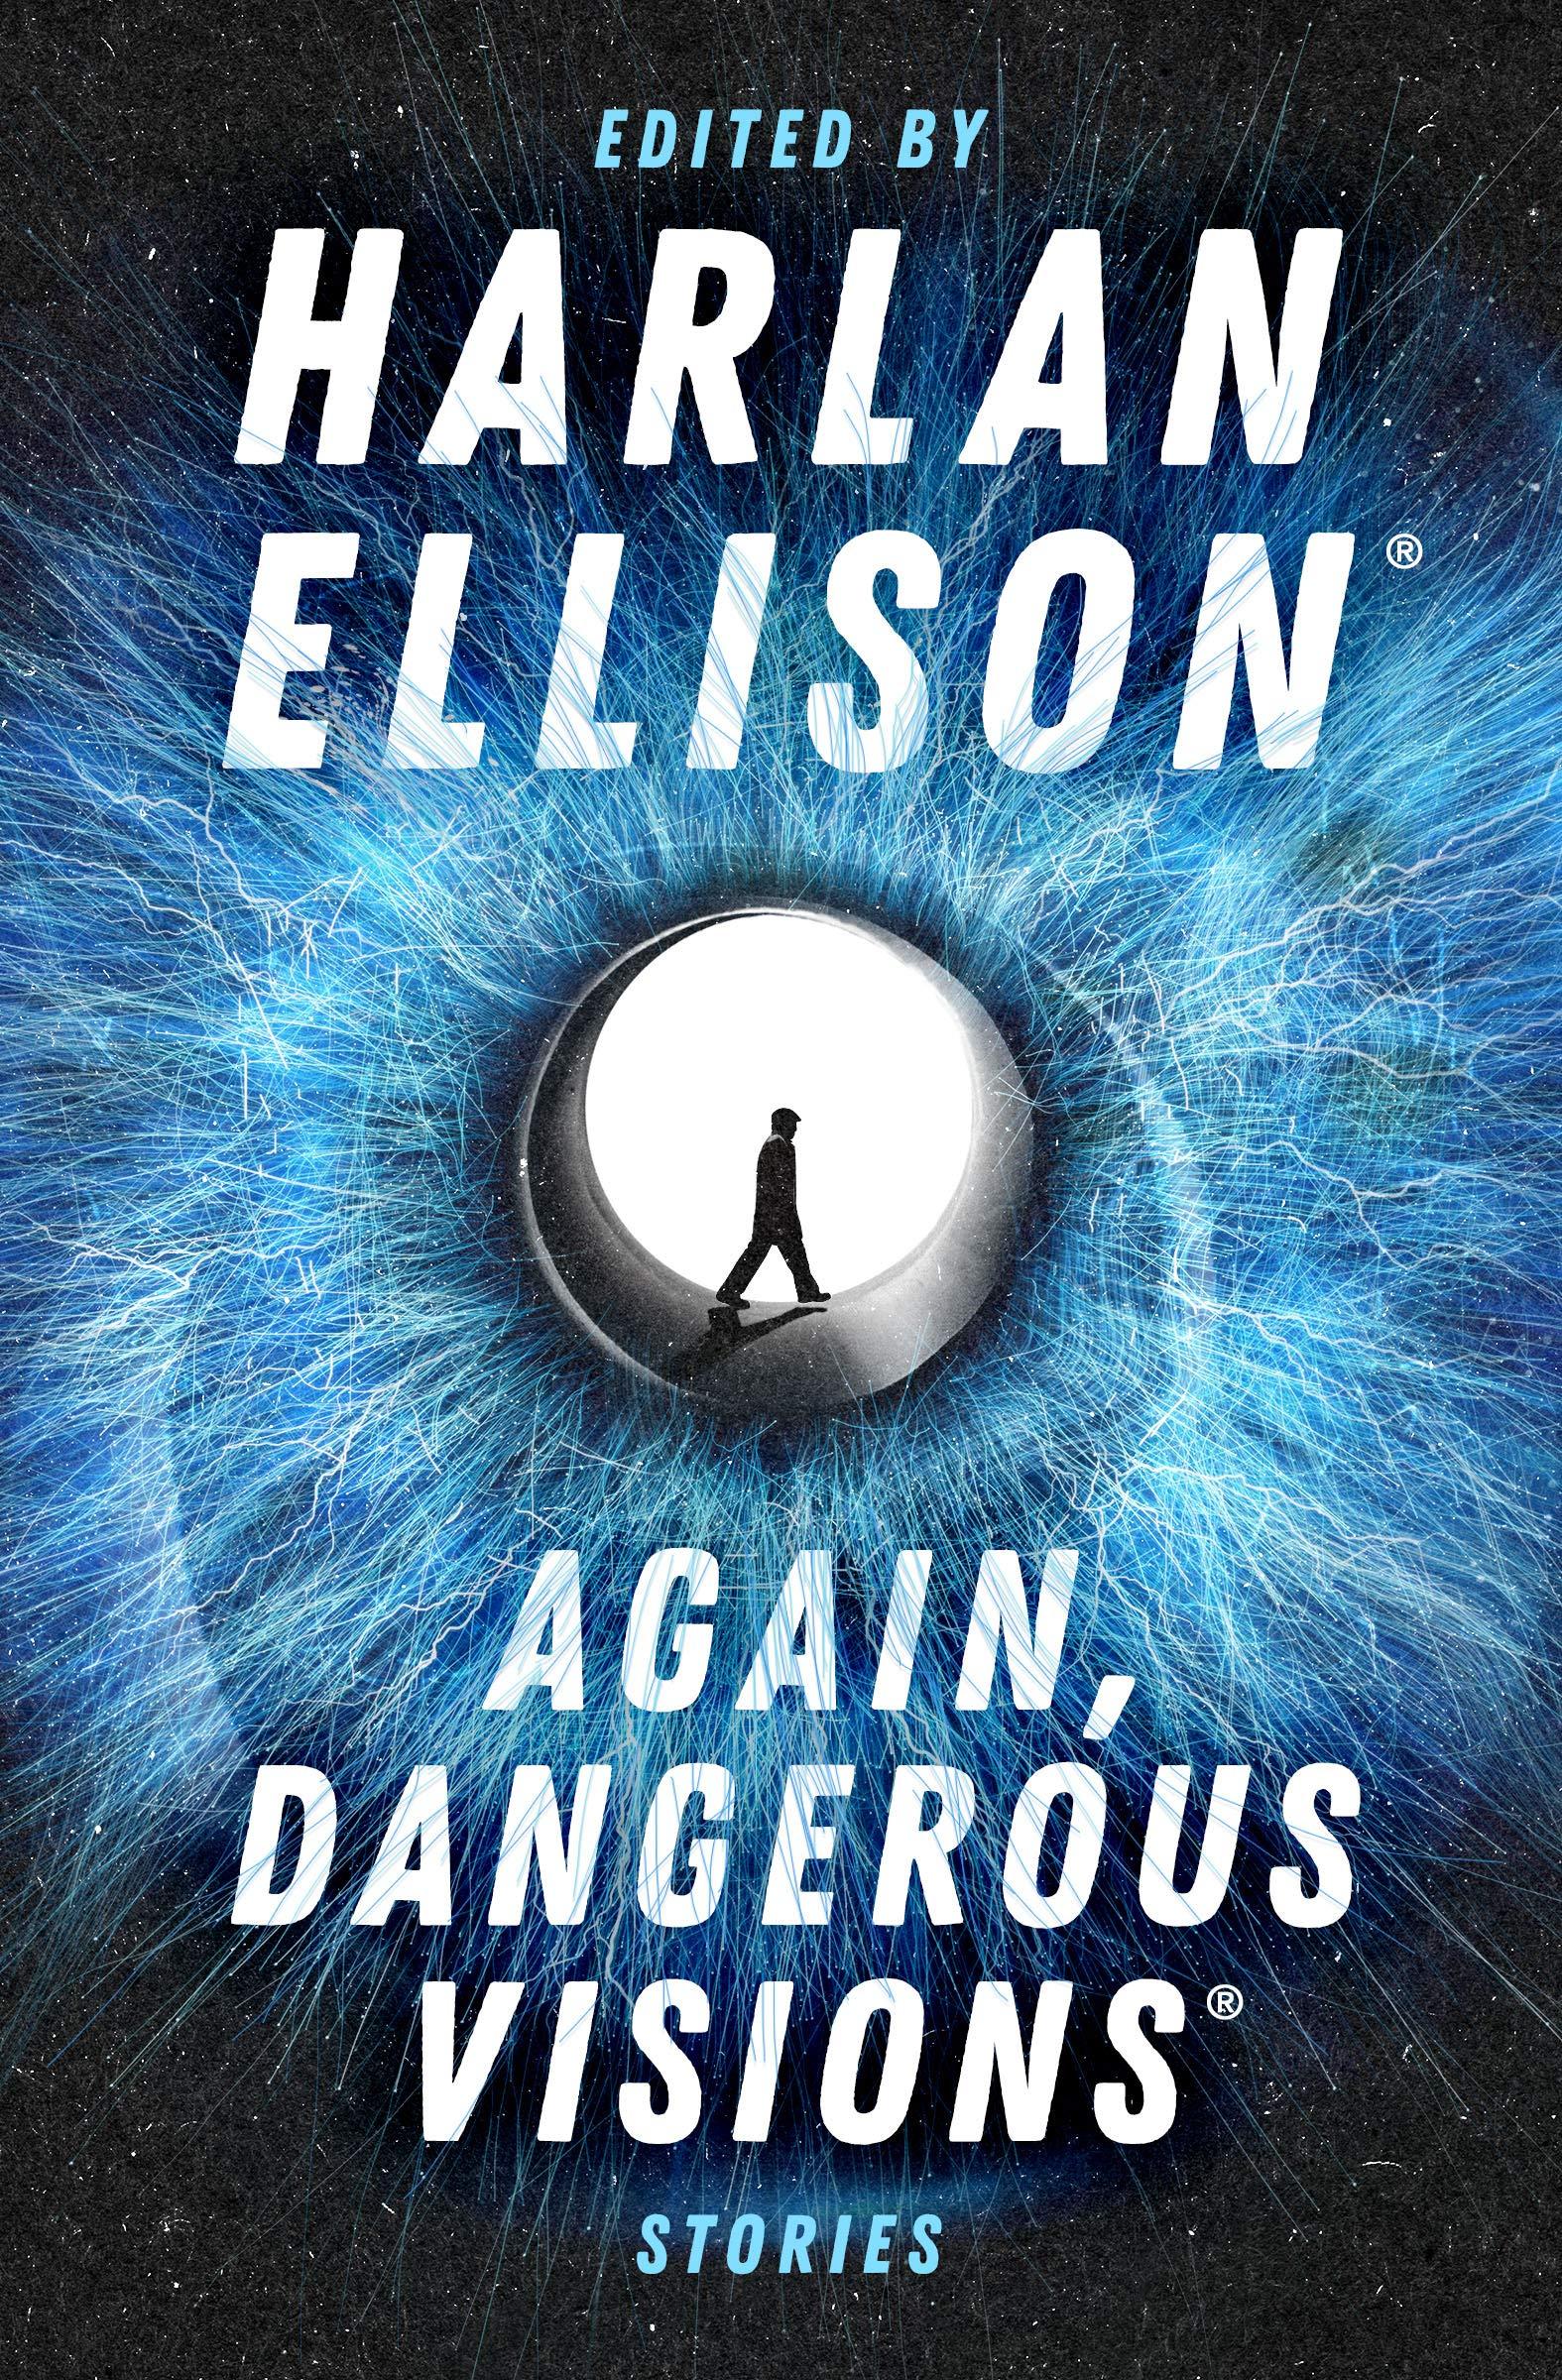 Read Again Dangerous Visions By Harlan Ellison